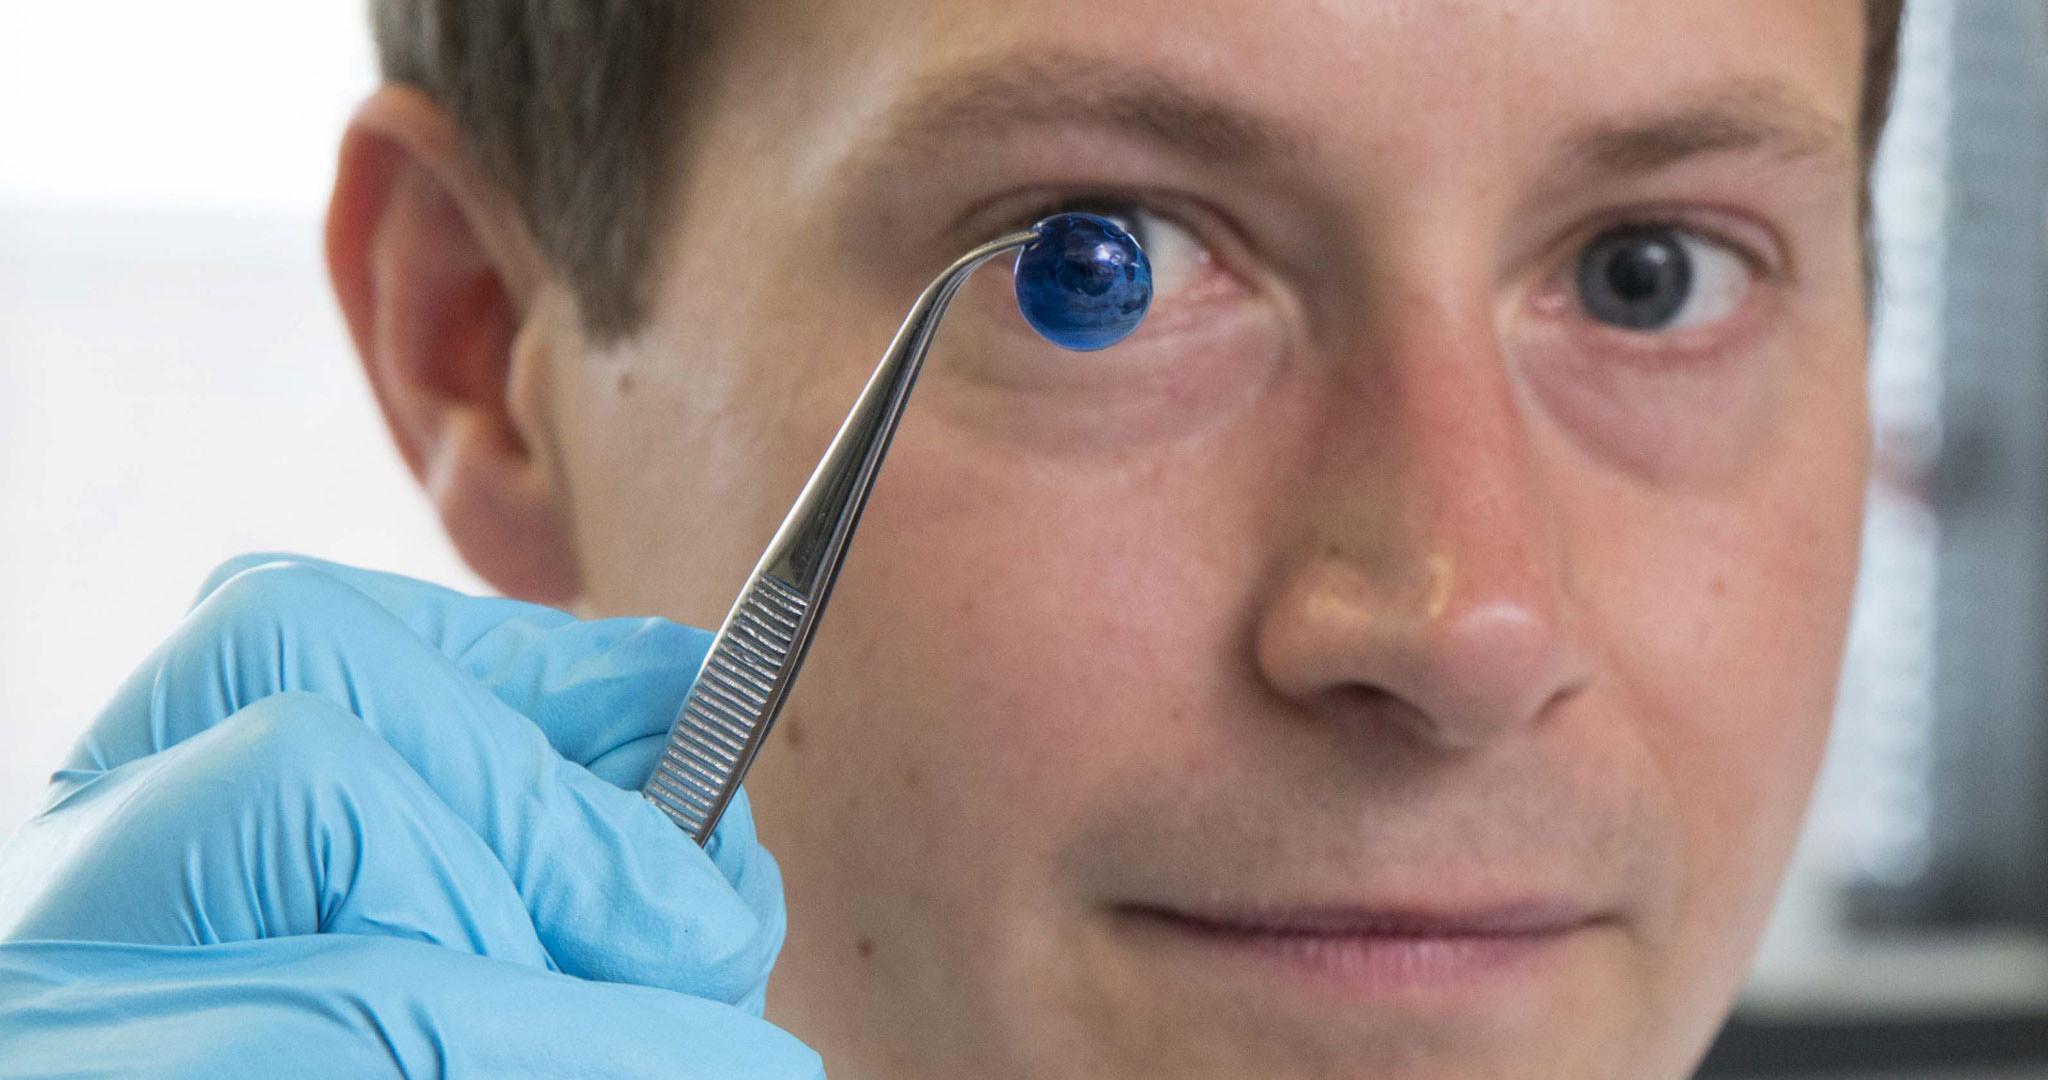 Córnea impressa em 3D: revolução nos transplantes?